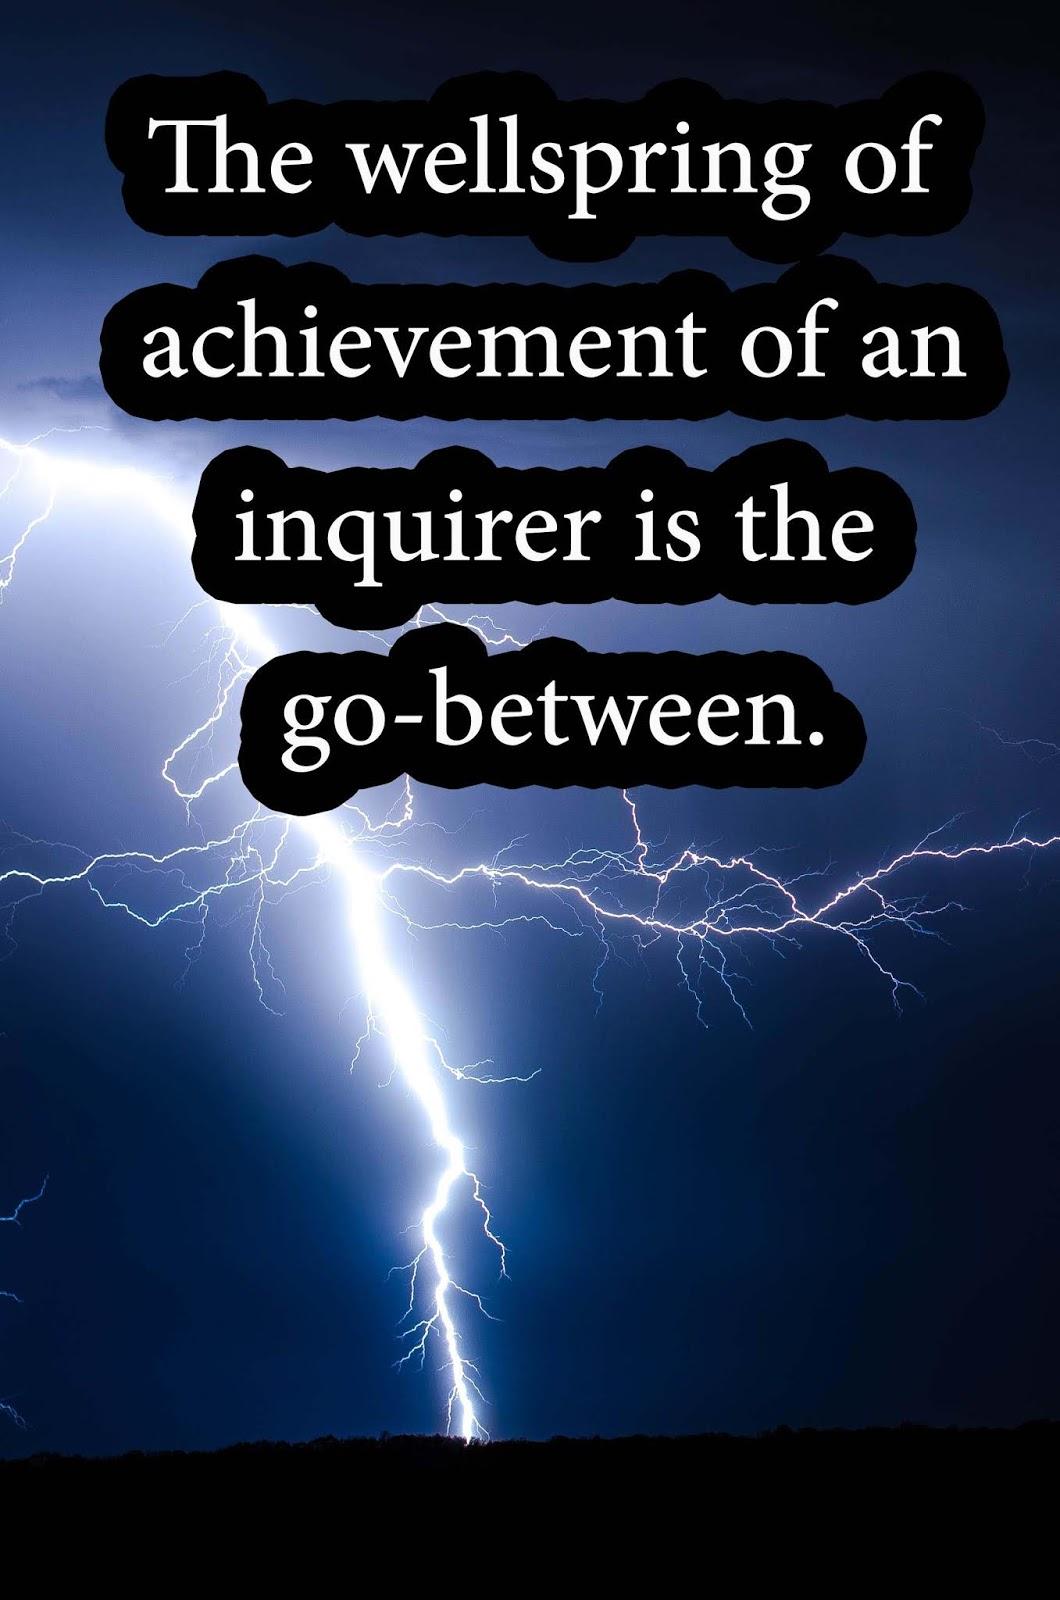 Hazrat Ali Quotes In english: Life Lesson quotes